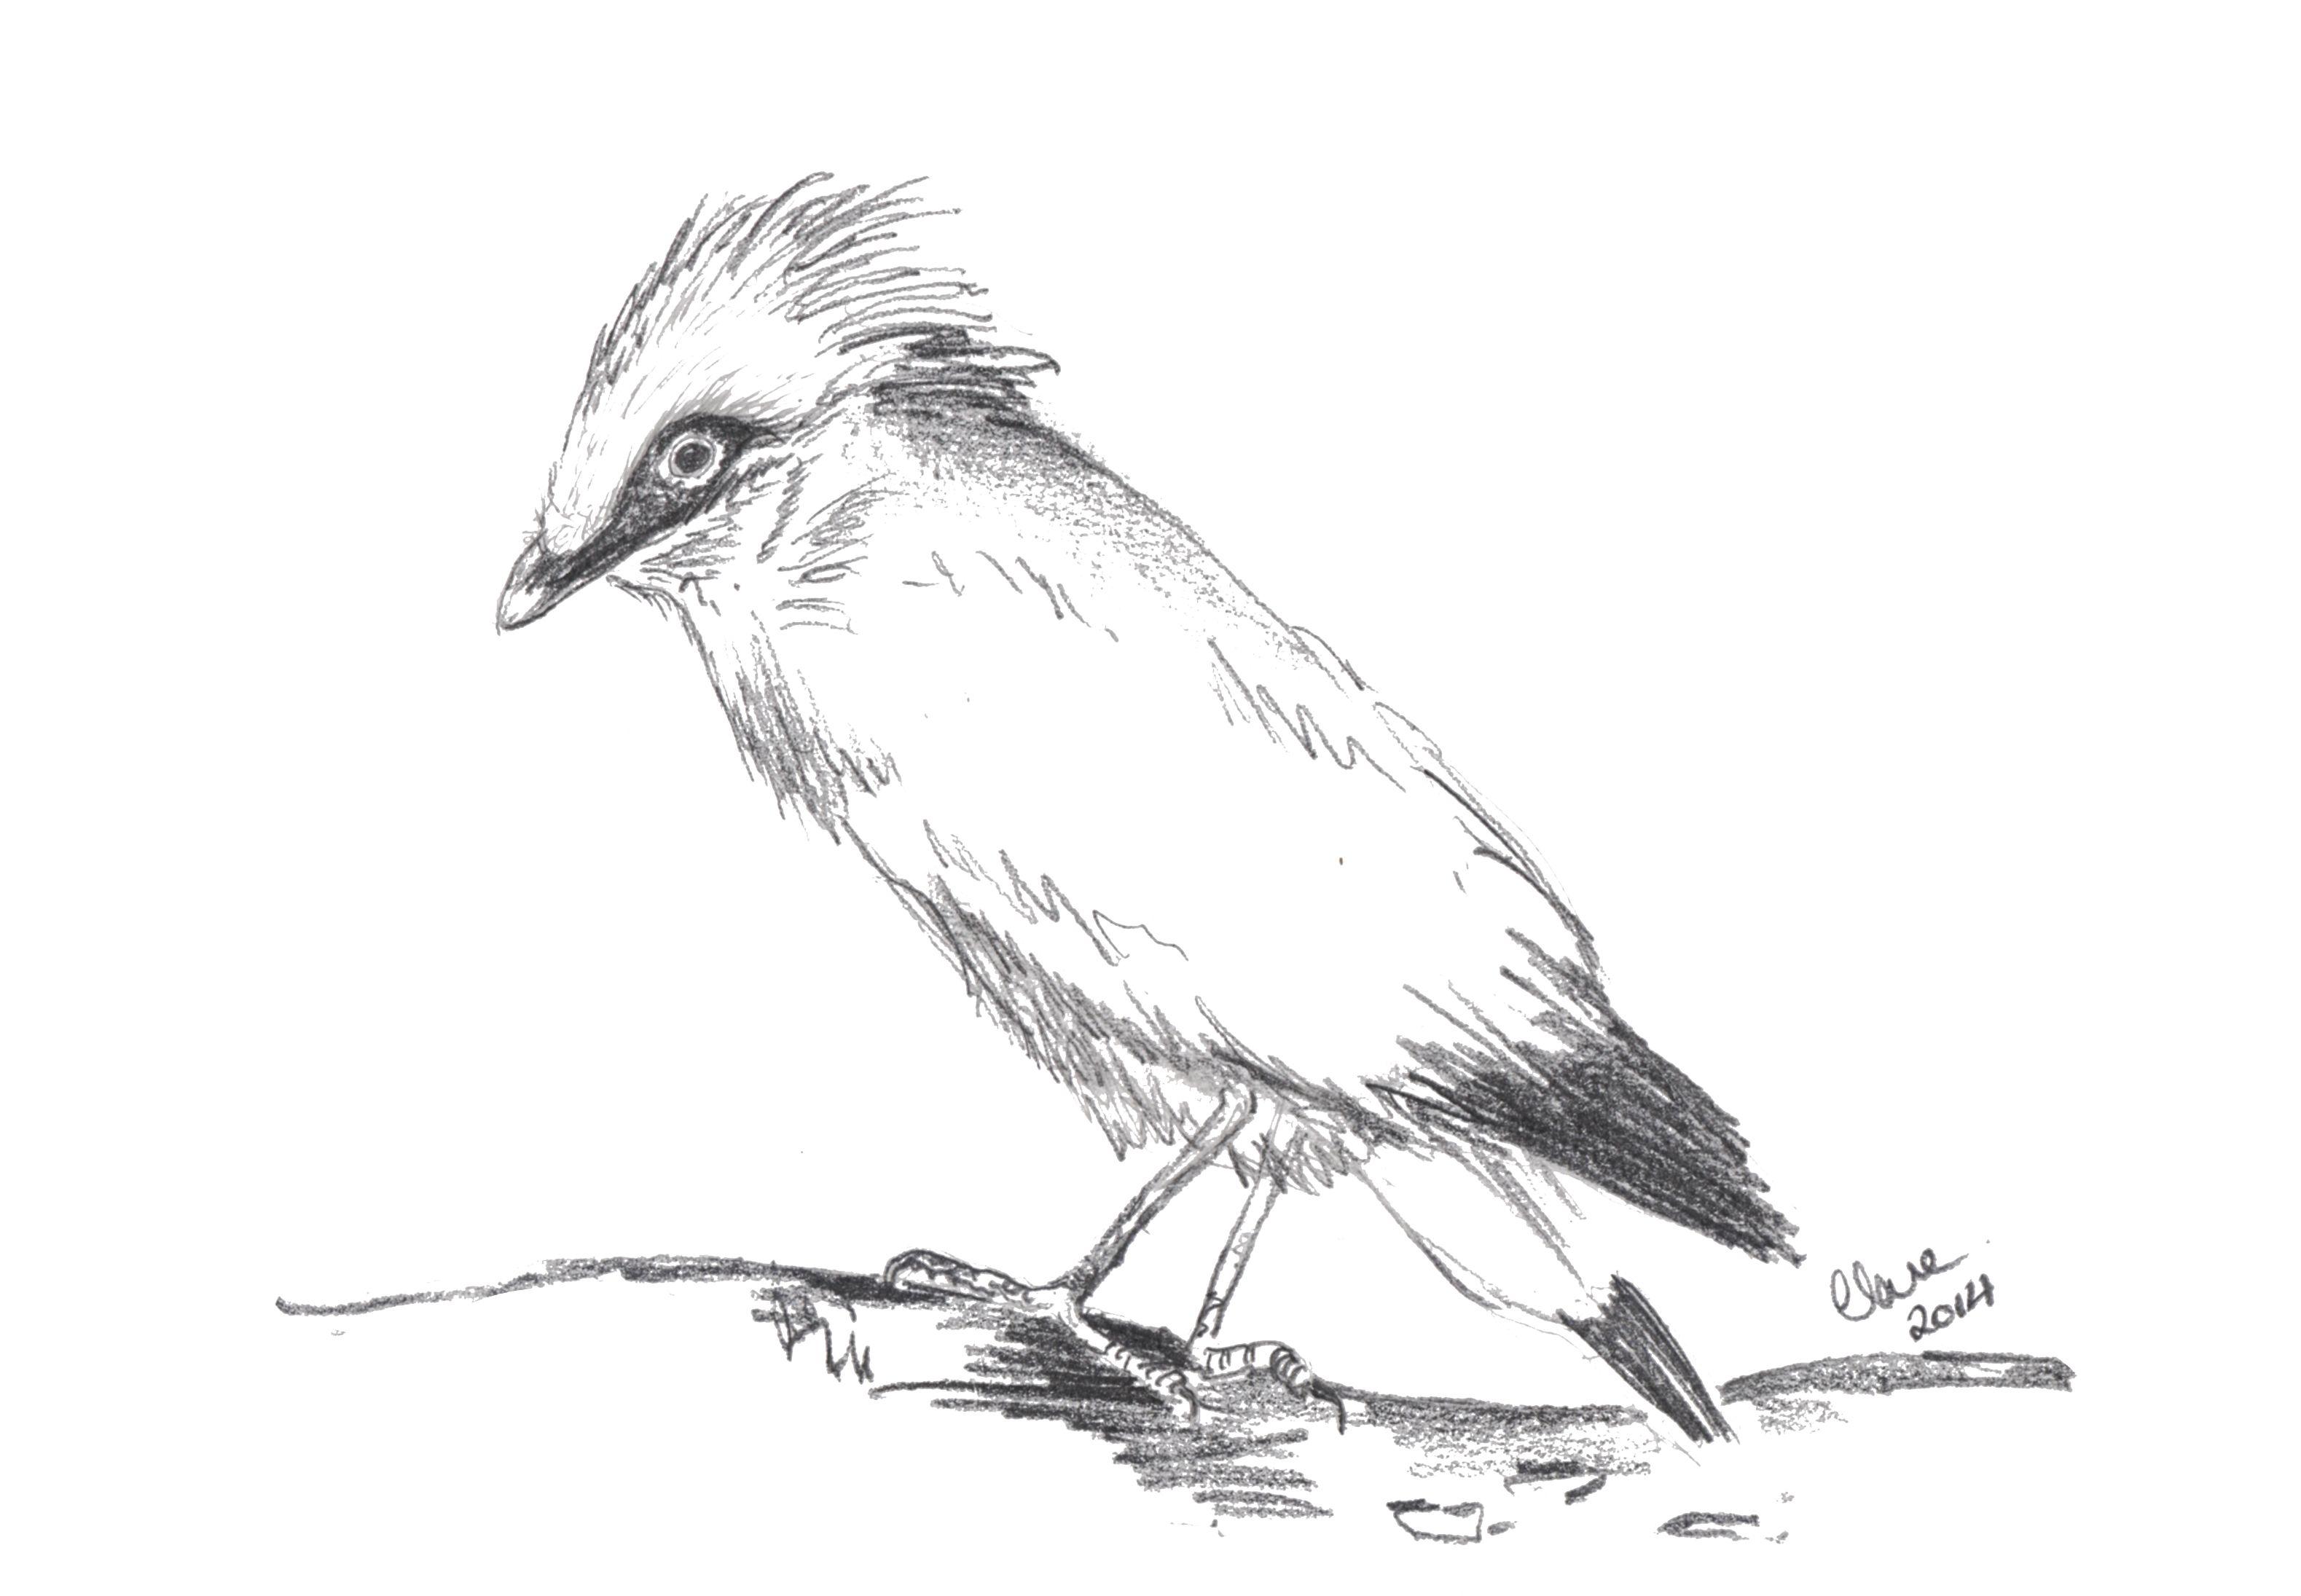 Star, the endangered White Starling